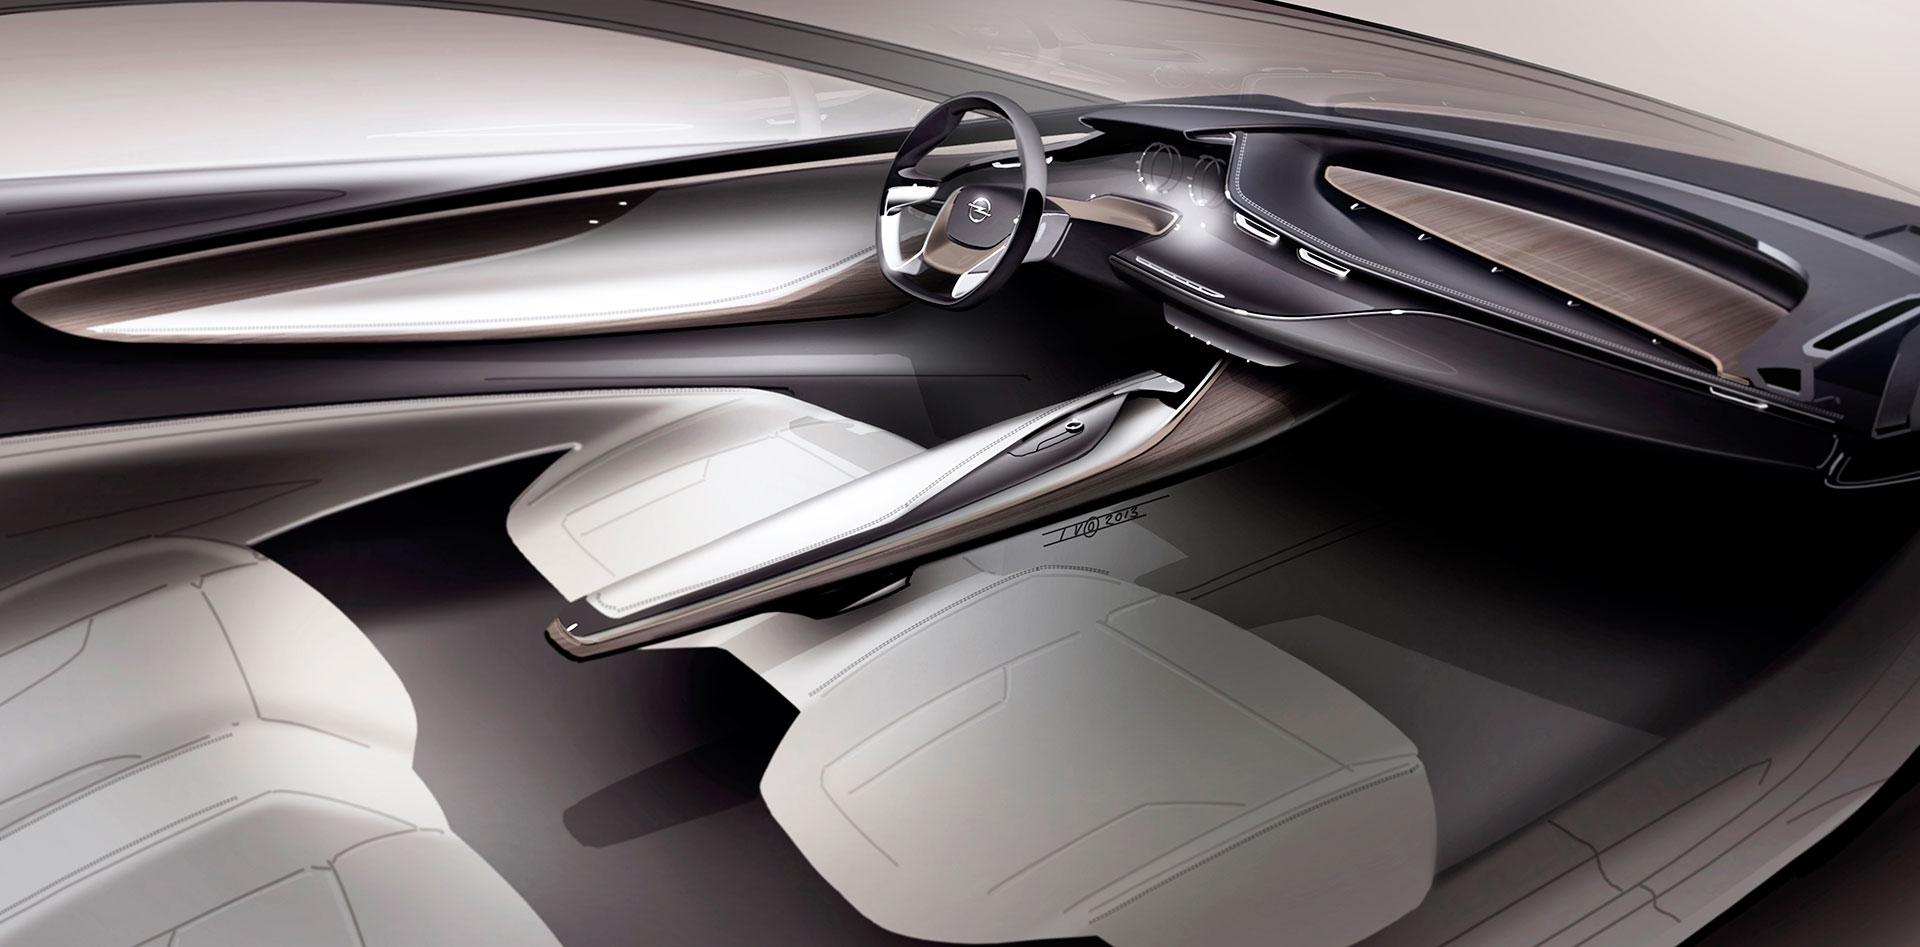 Opel Monza Concept - Interior Design Sketch - Car Body Design